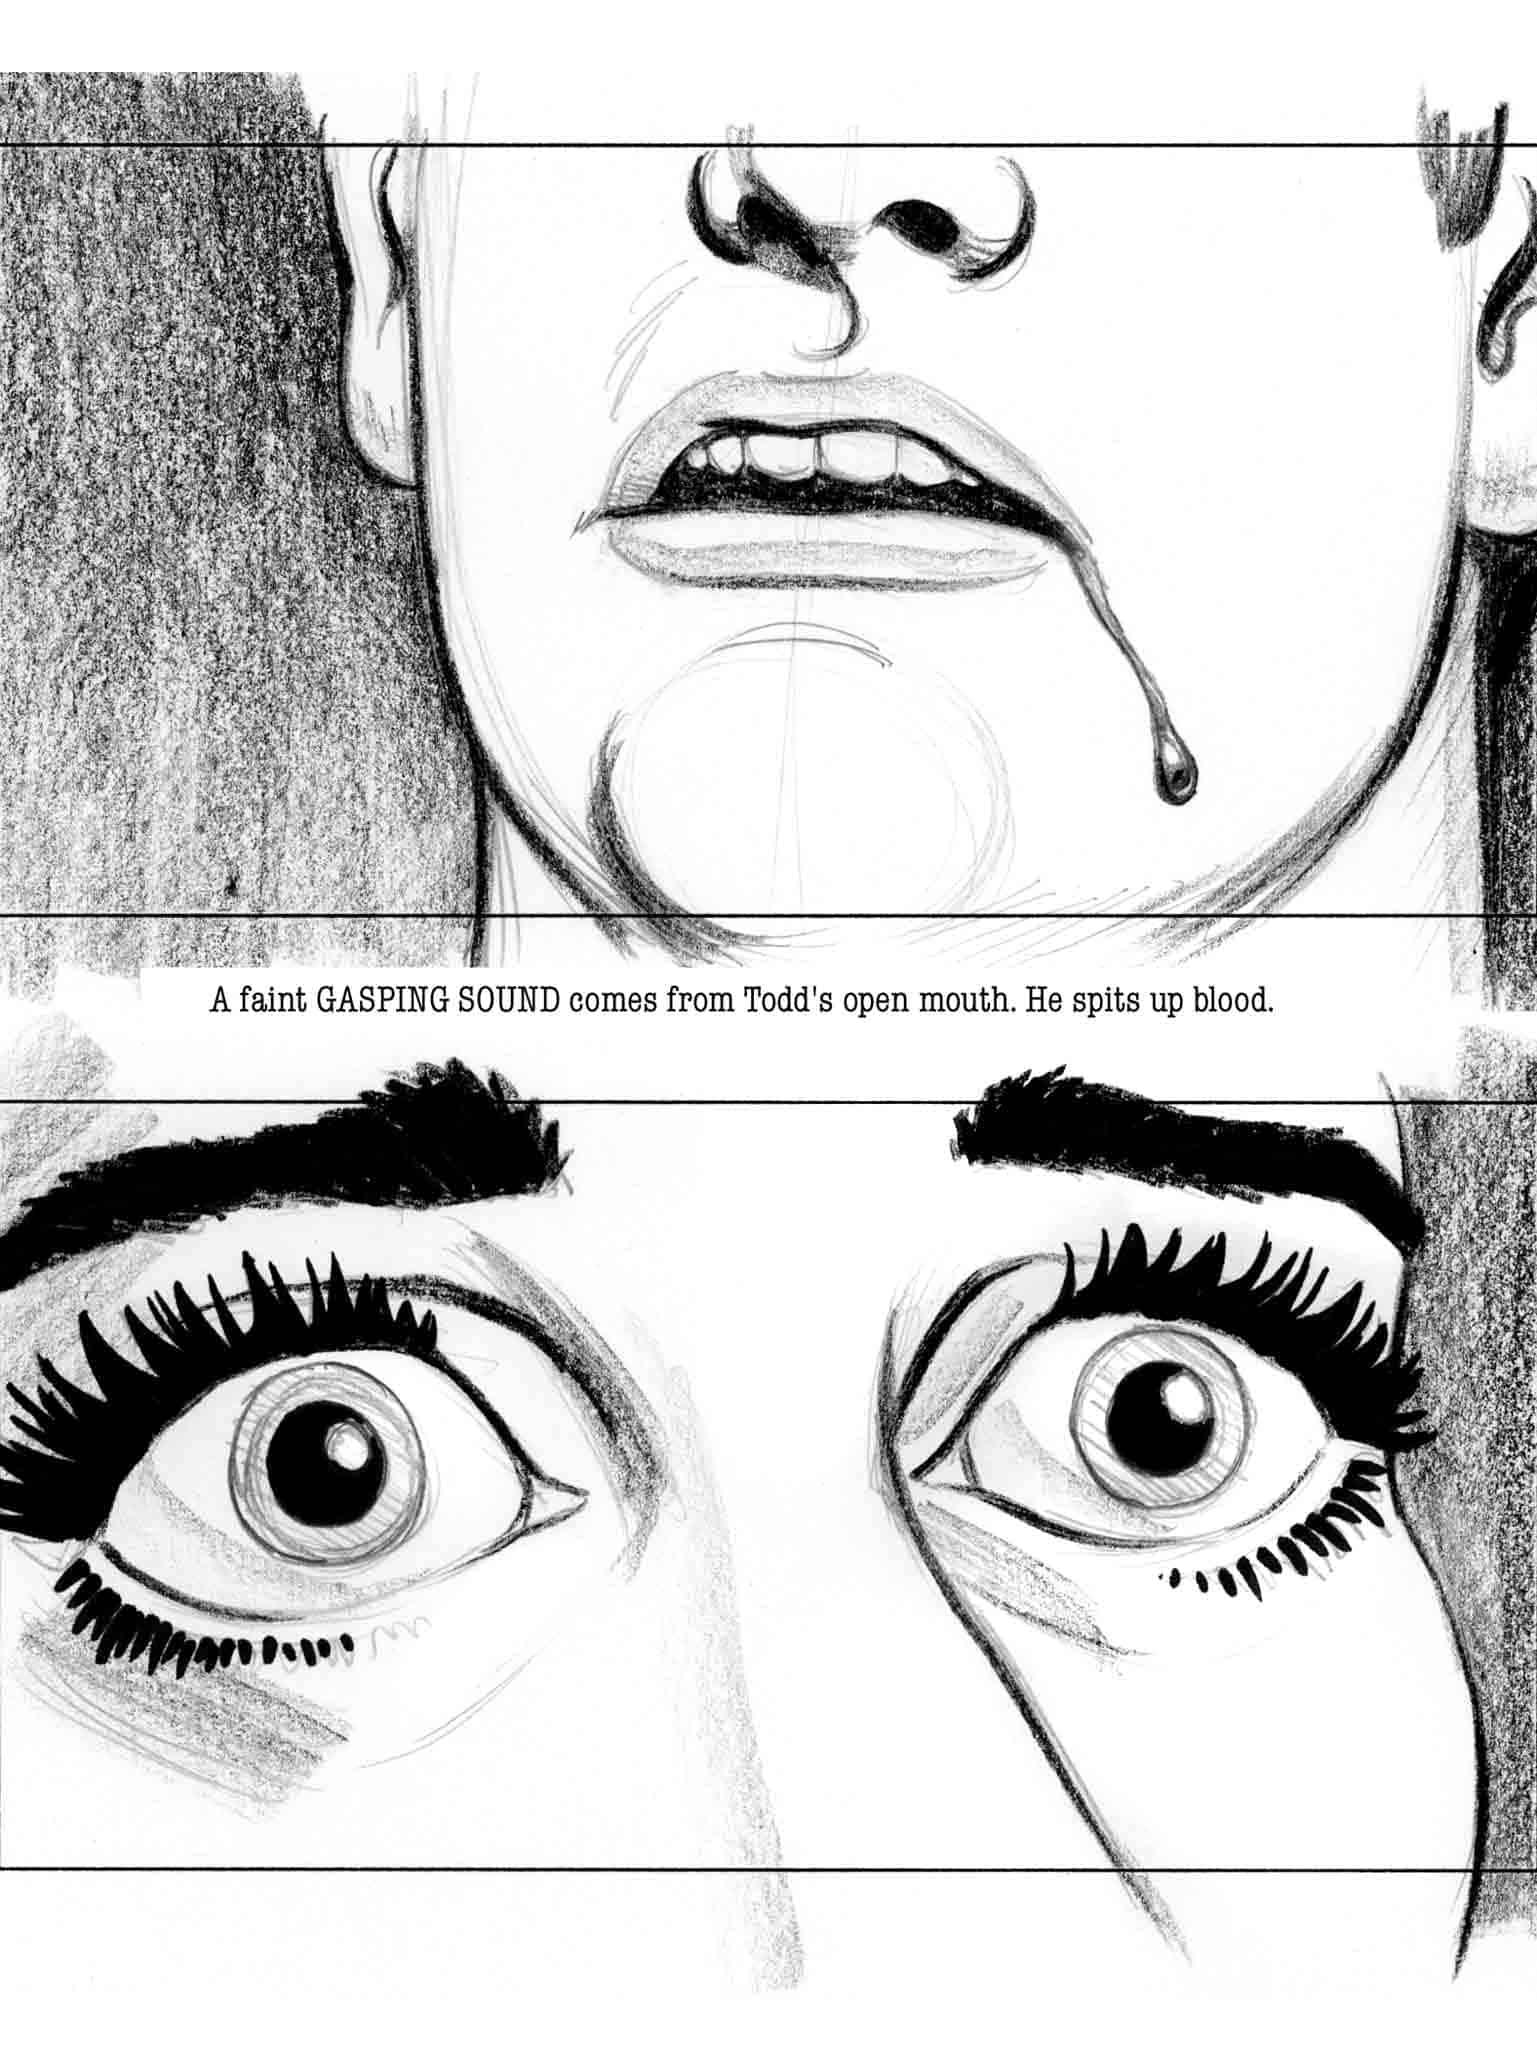 KH2517-B-loaming-storyboard-big-eyes